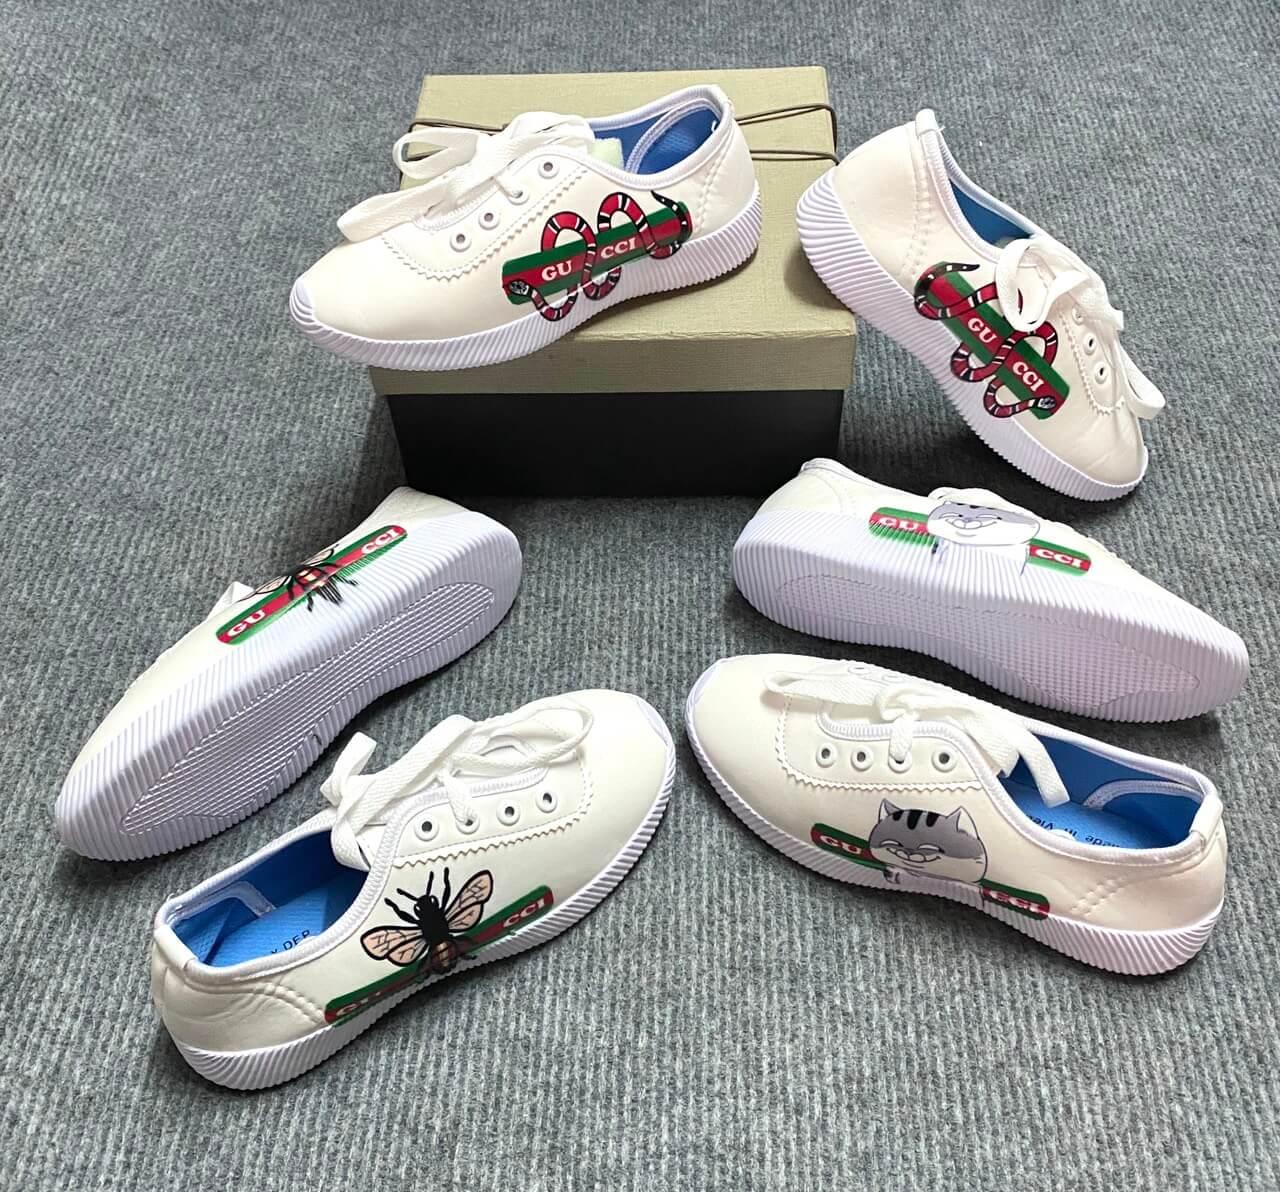 Rất nhiều mẫu giày thể thao em bé 2hand là hàng hiệu cũ thuộc các thương hiệu đình đám trên thế giới